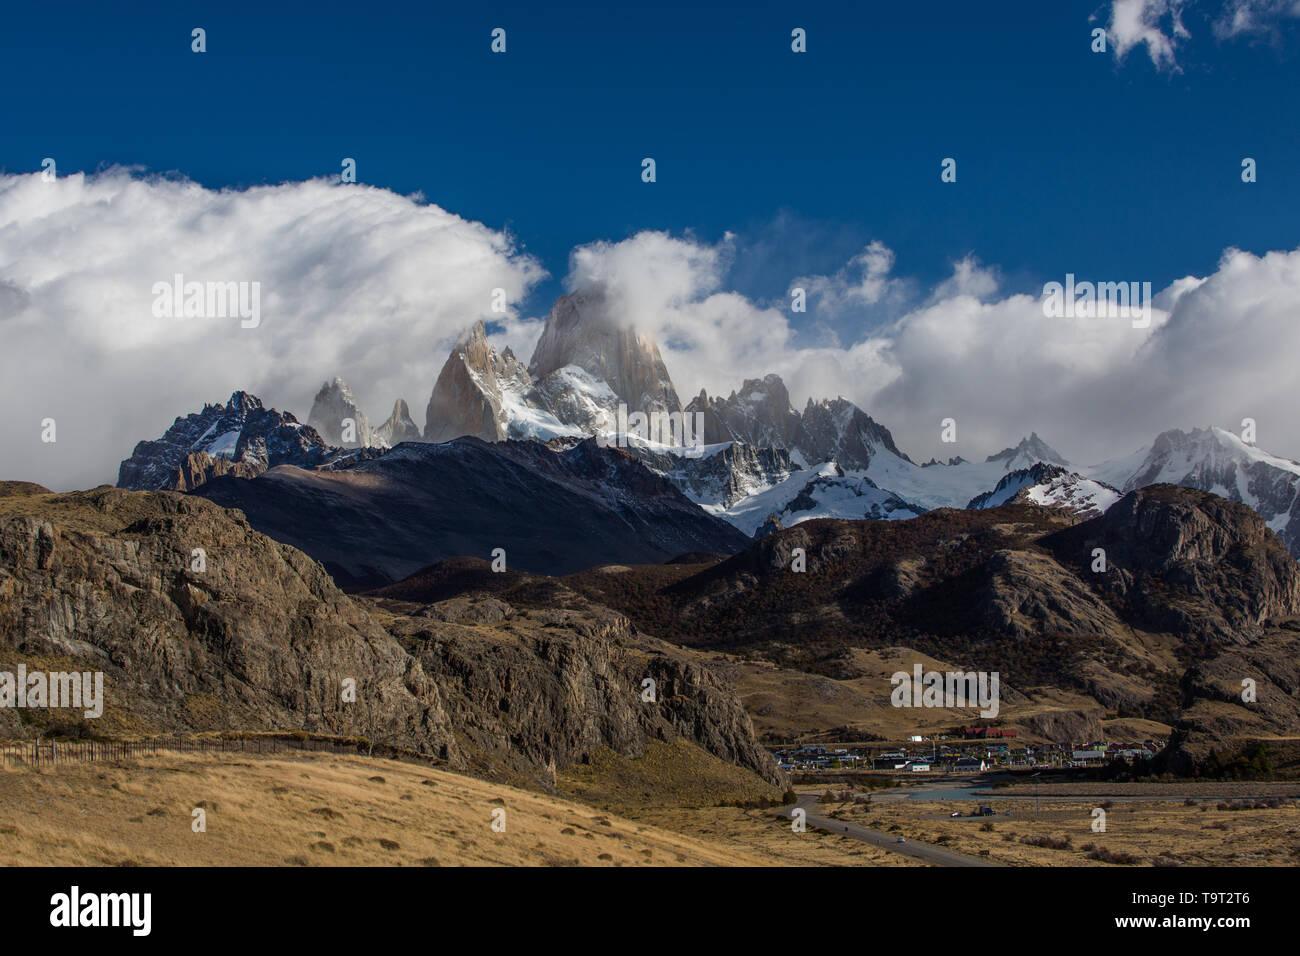 Monte Fitz Roy en el Parque Nacional Los Glaciares, cerca de El Chaltén, Argentina. Un sitio de Patrimonio Mundial de la UNESCO en la región de la Patagonia en América del Sur. Bec Foto de stock